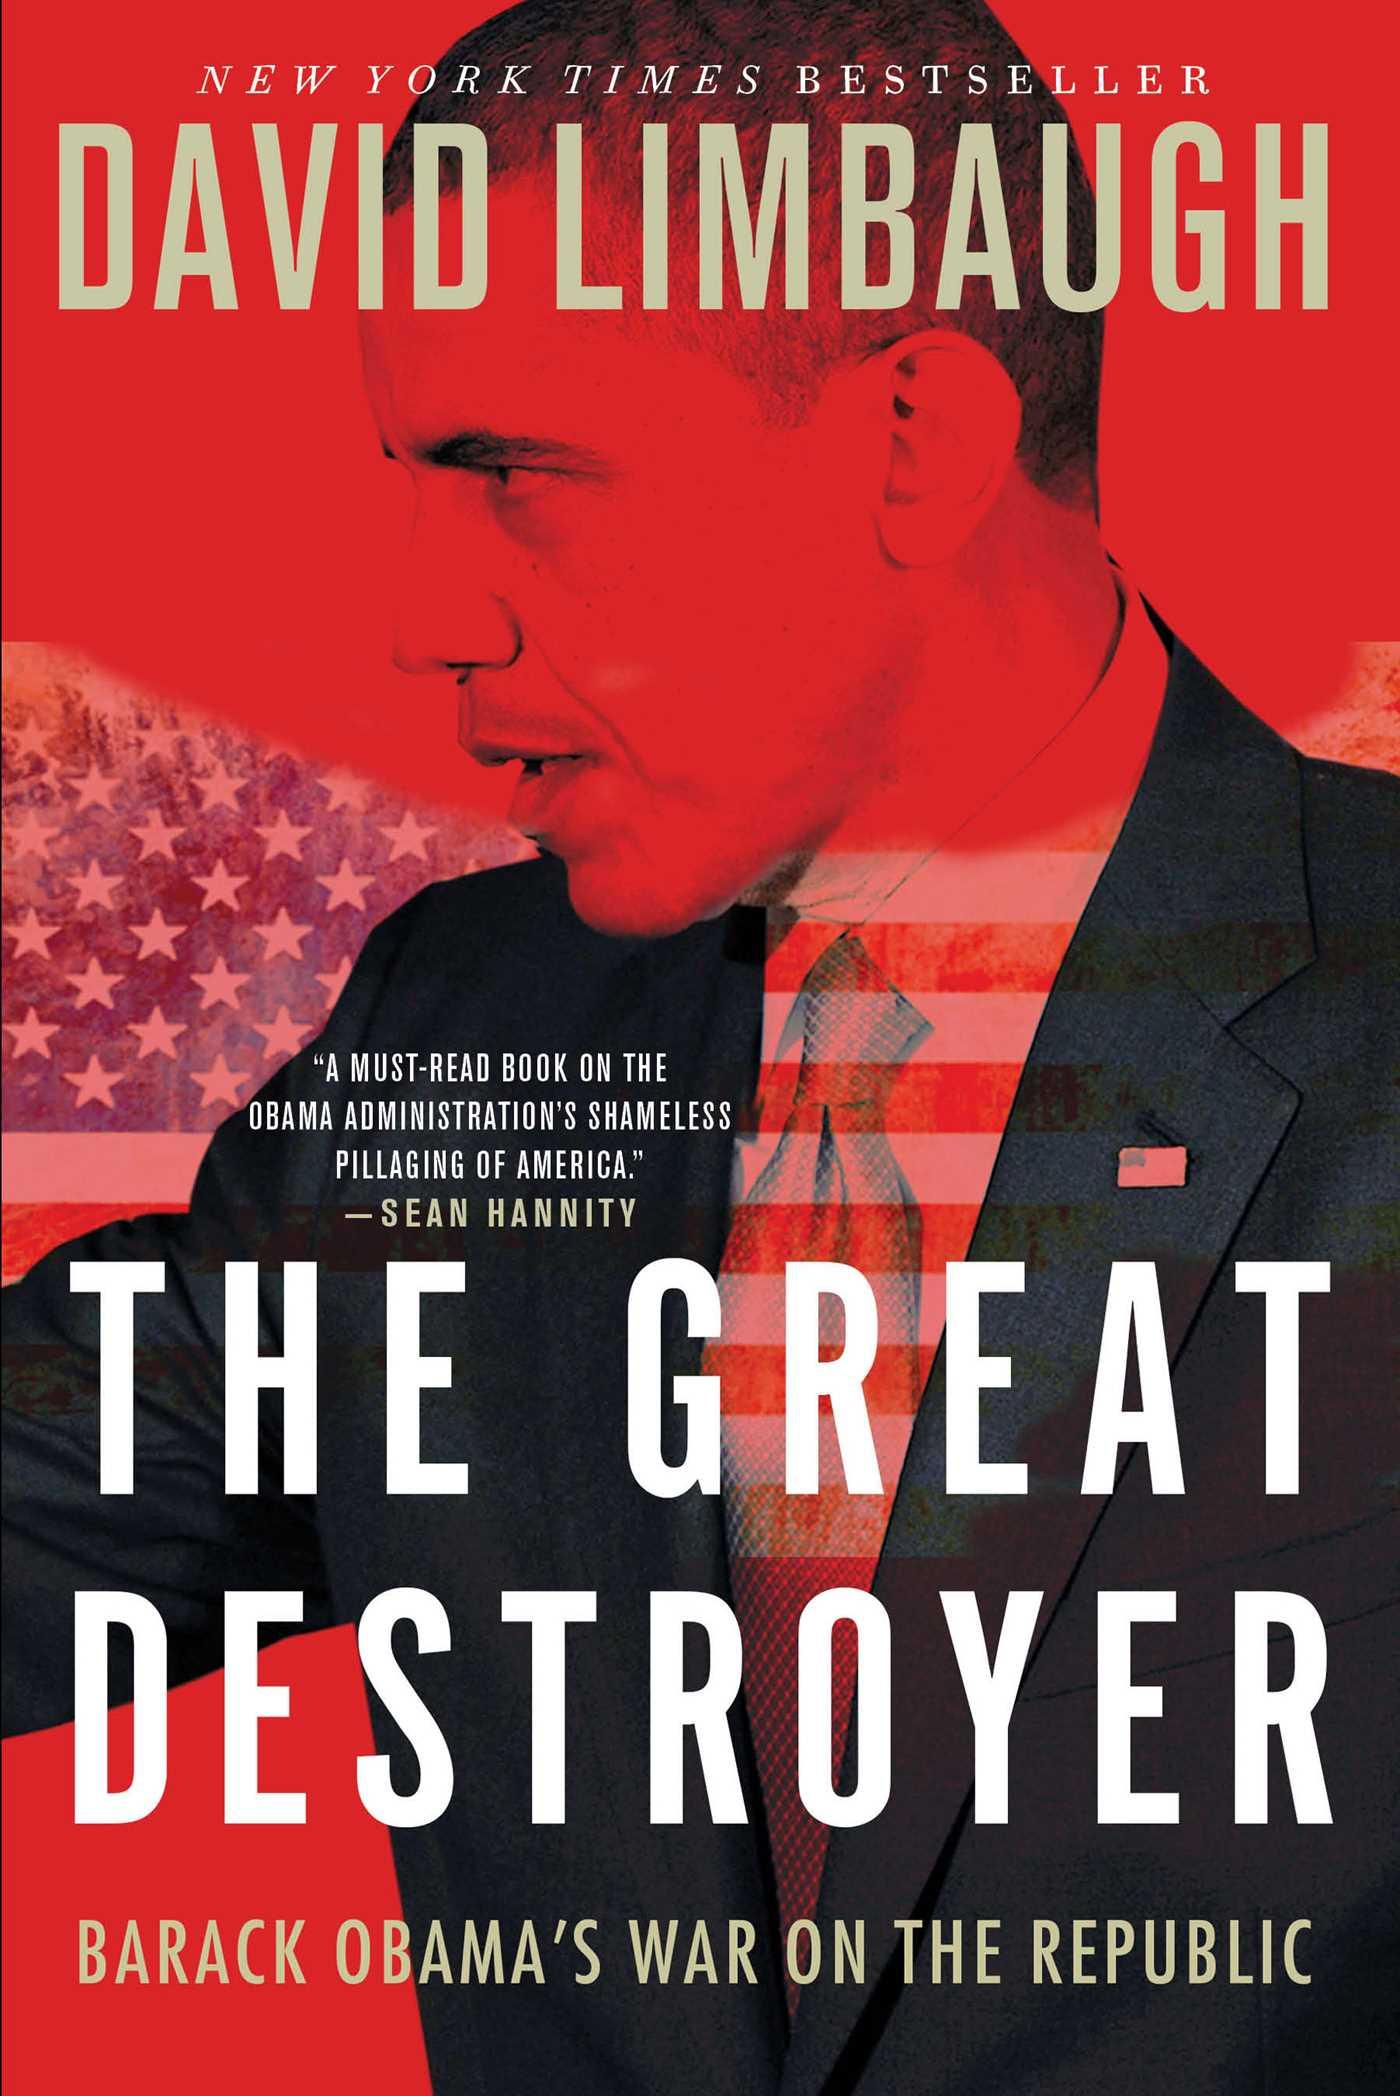 The Great Destroyer: Barack Obama's